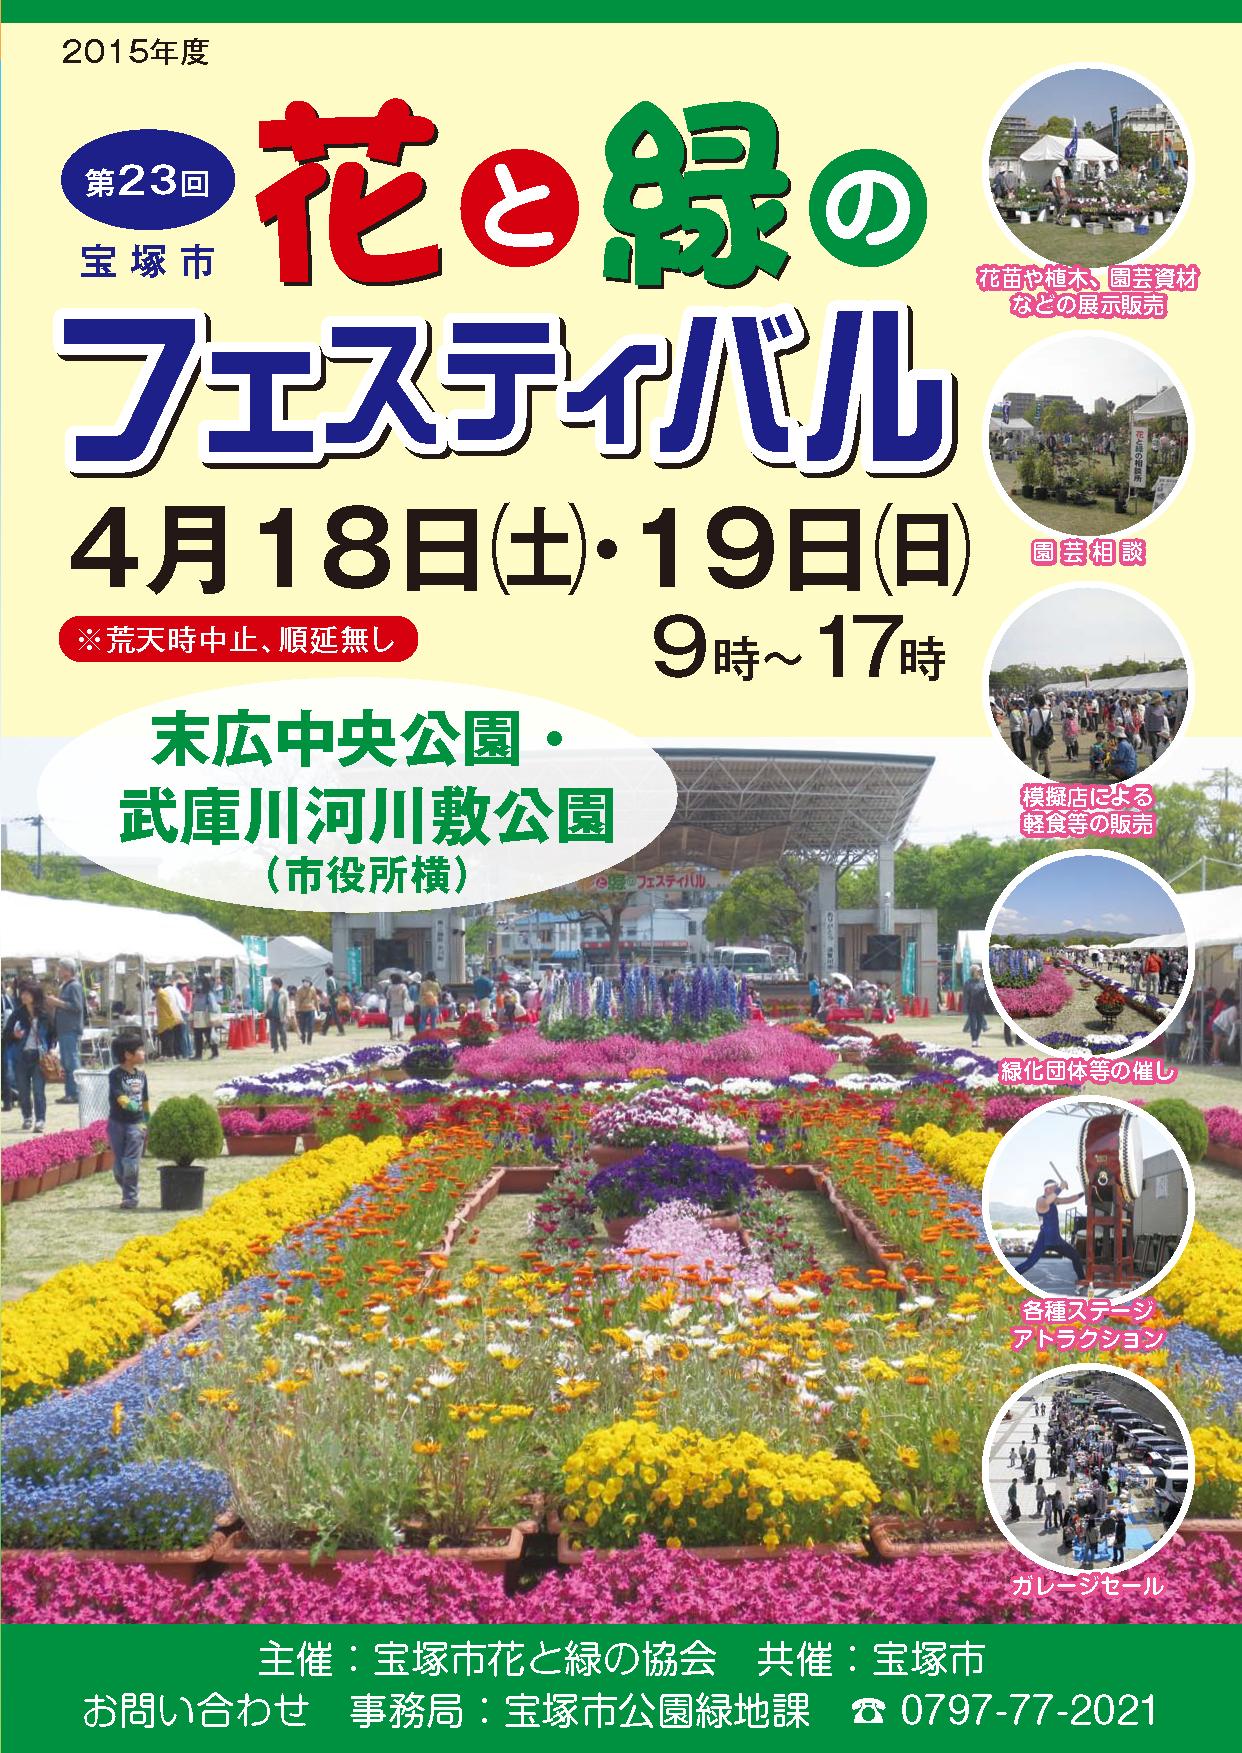 【イベント】「花と緑のフェスティバル」に出展します!